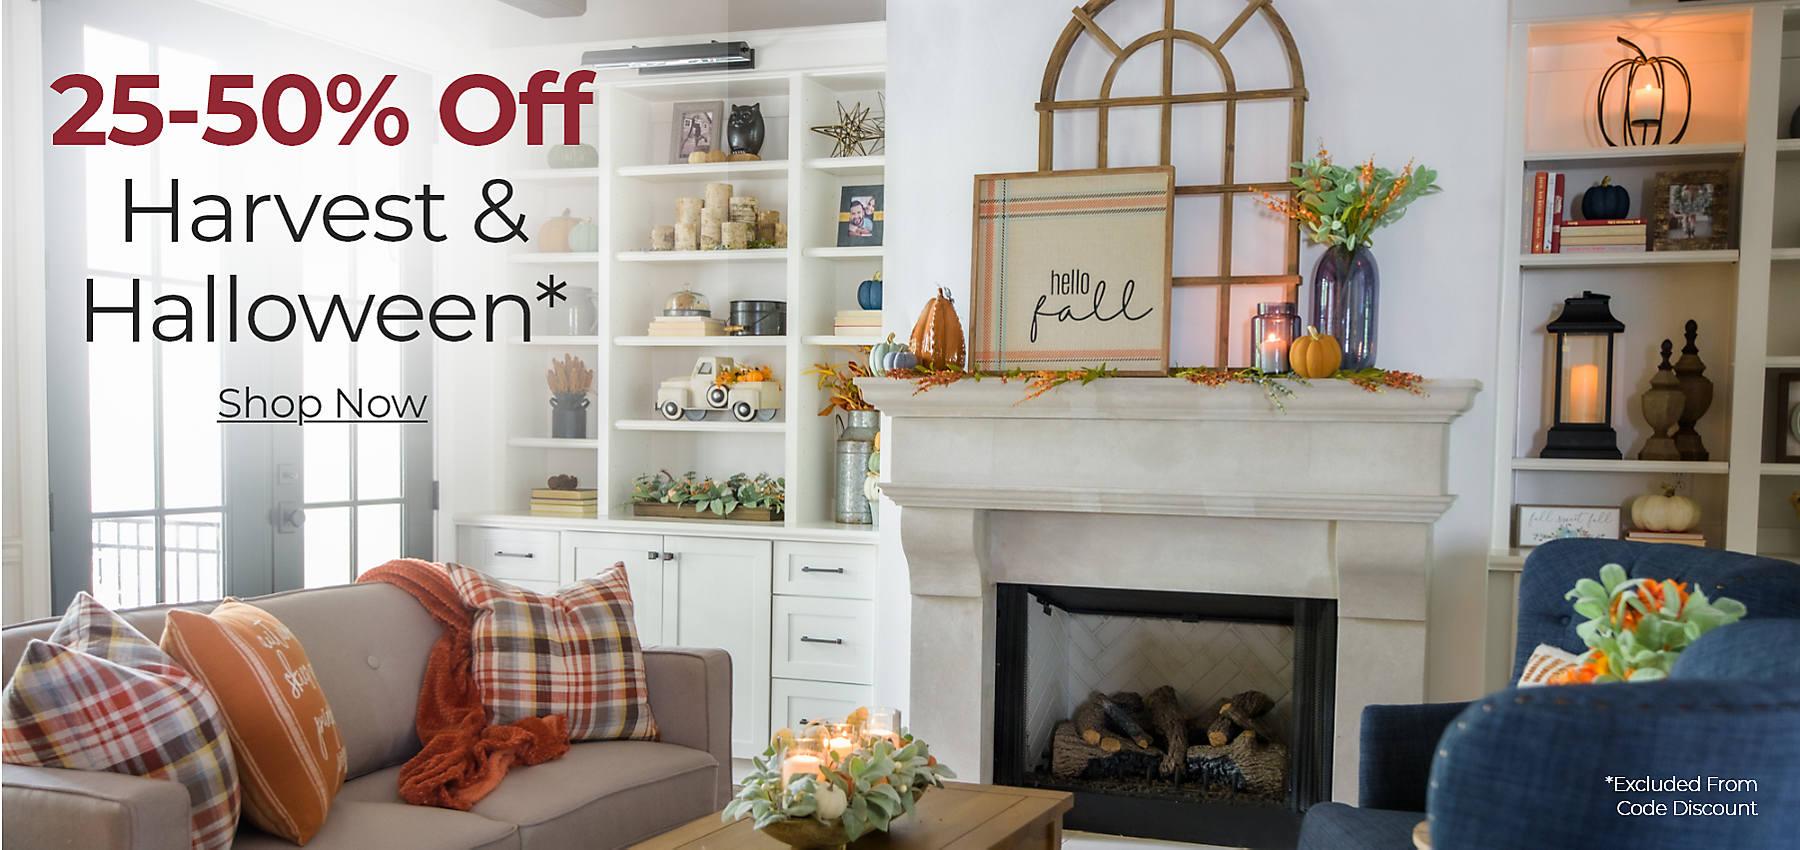 Harvest & Halloween 25 - 50% off